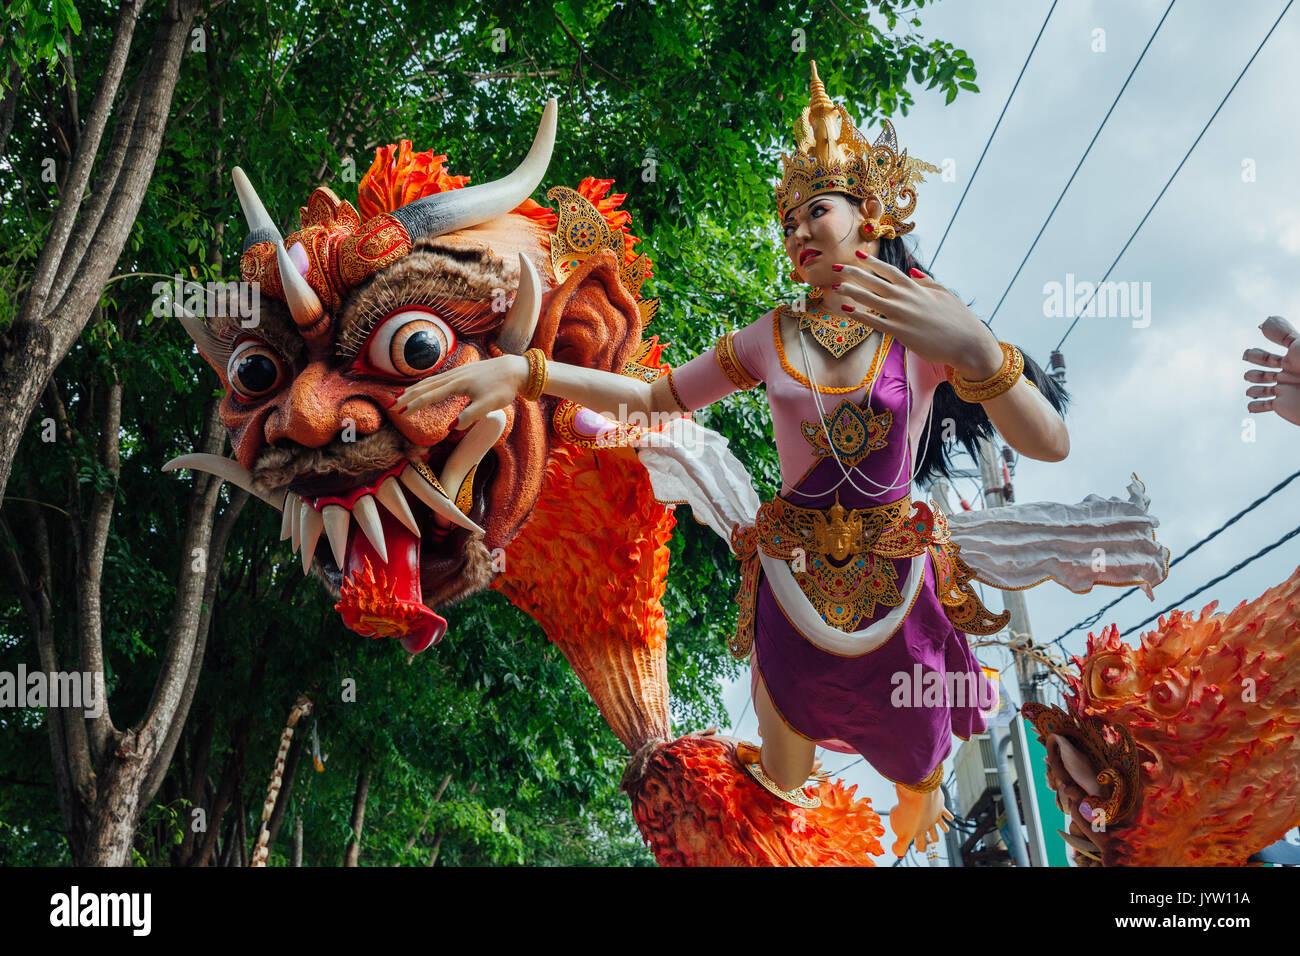 Bali, Indonesia - 08 Marzo 2016: Ogoh-Ogoh statue in parata durante il design Balinese nuovo anno le celebrazioni del Marzo 08, 2016 a Bali, Indonesia. Immagini Stock